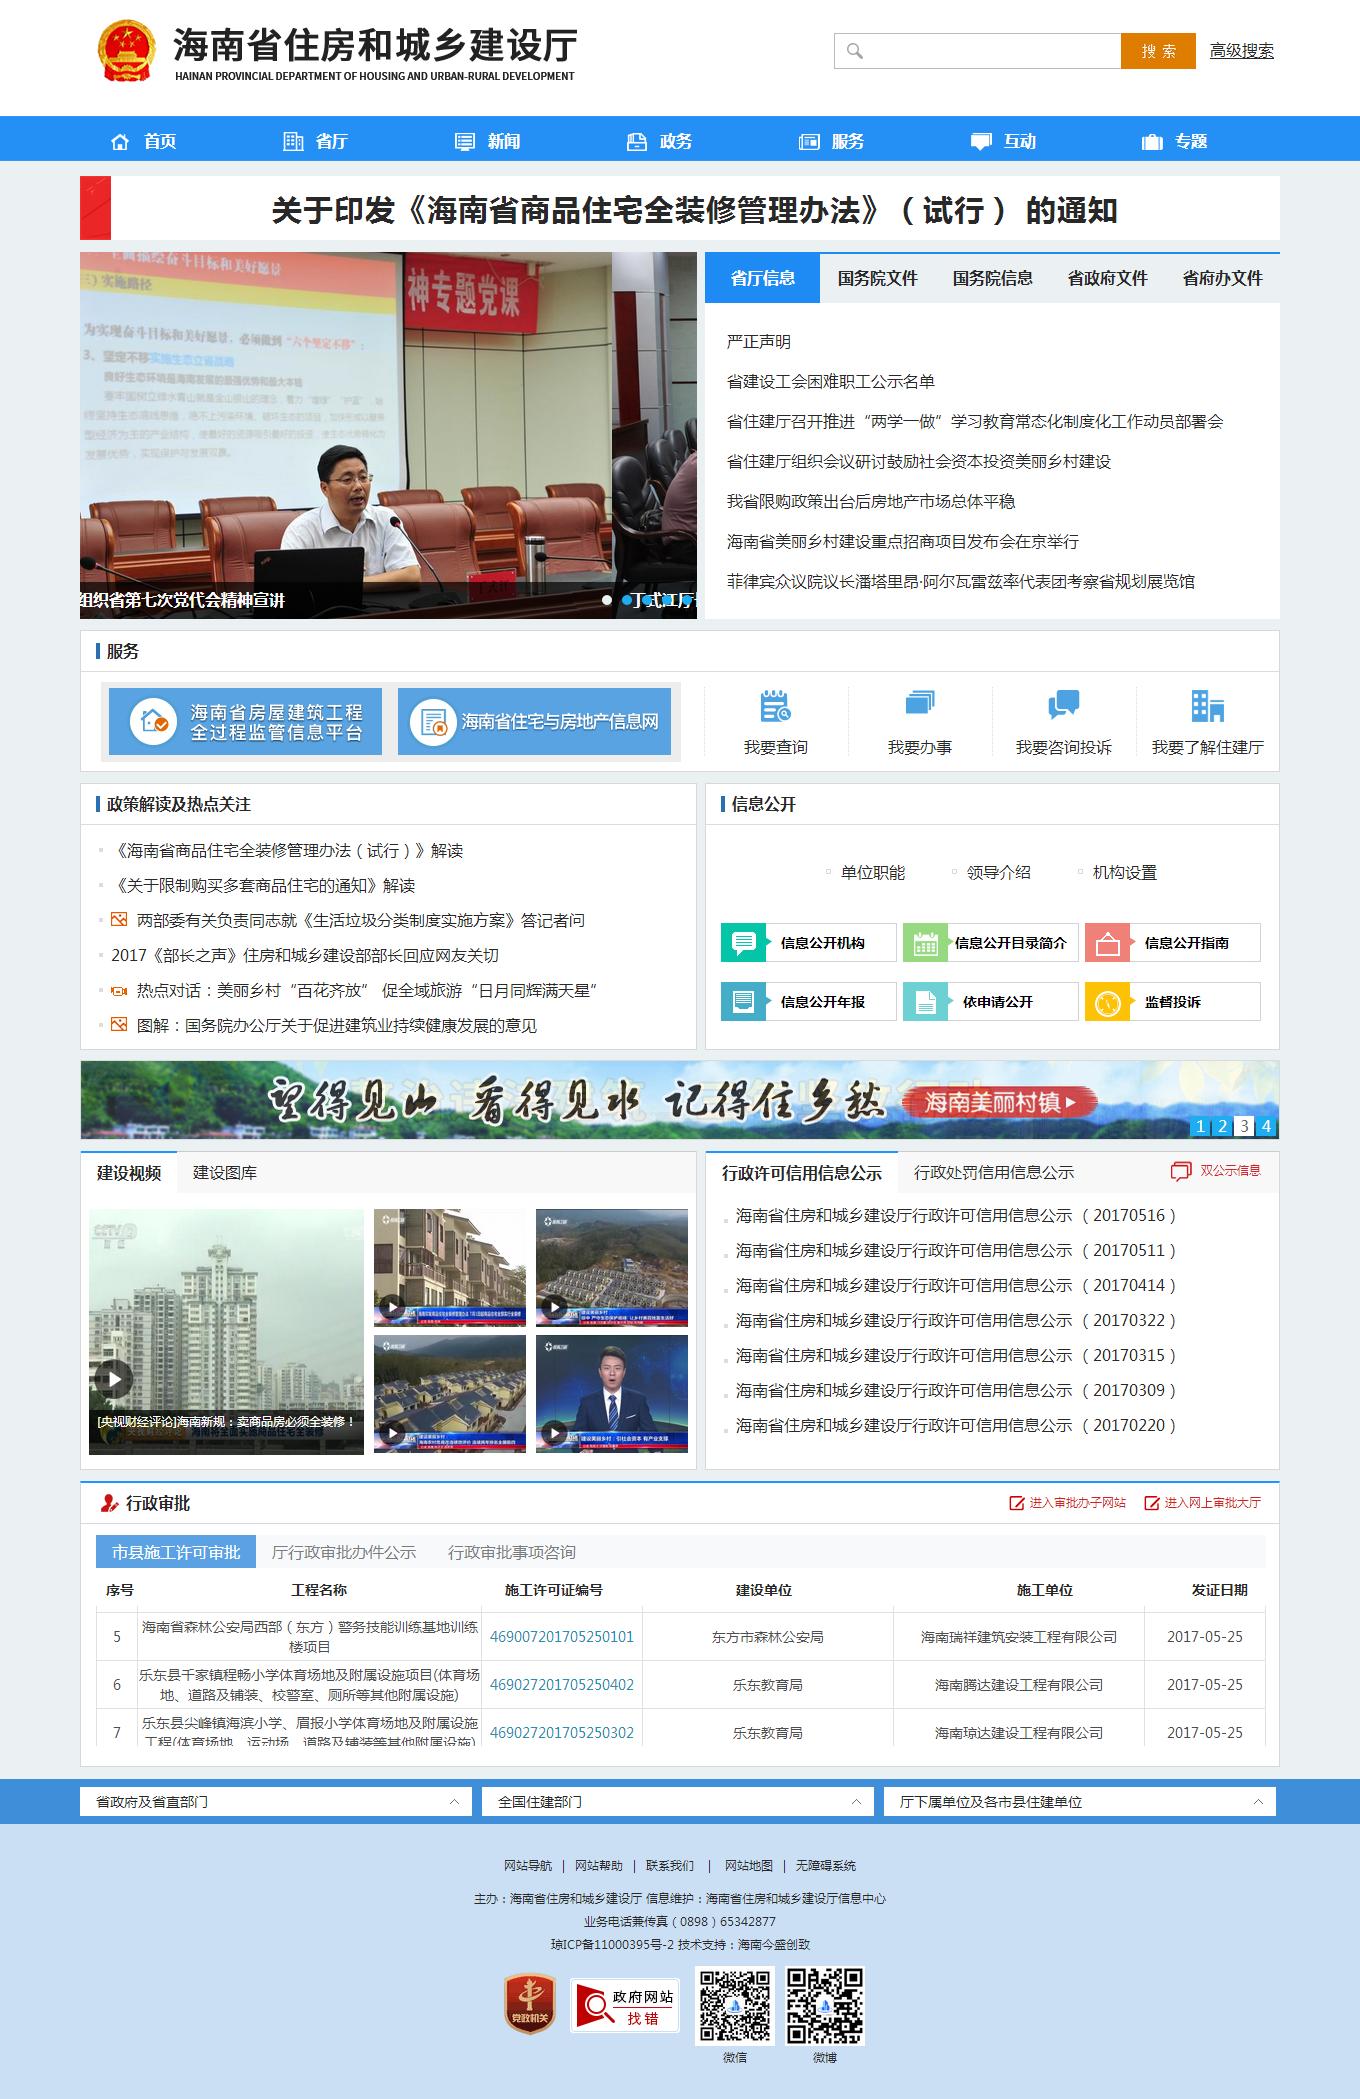 海南省住房和城乡建设厅.png